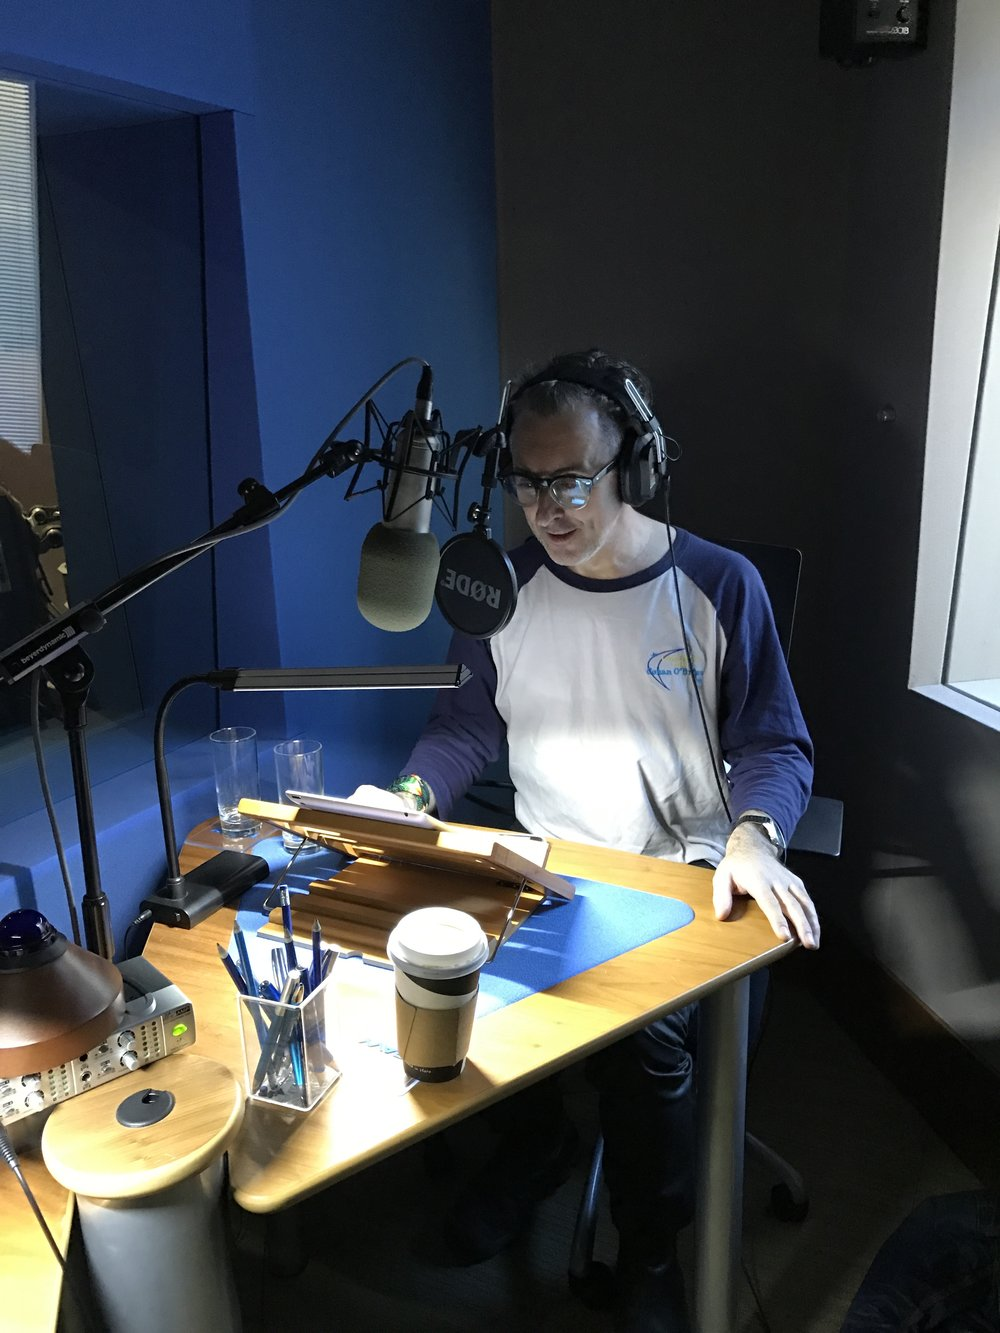 Alan Cumming in the recording studio.